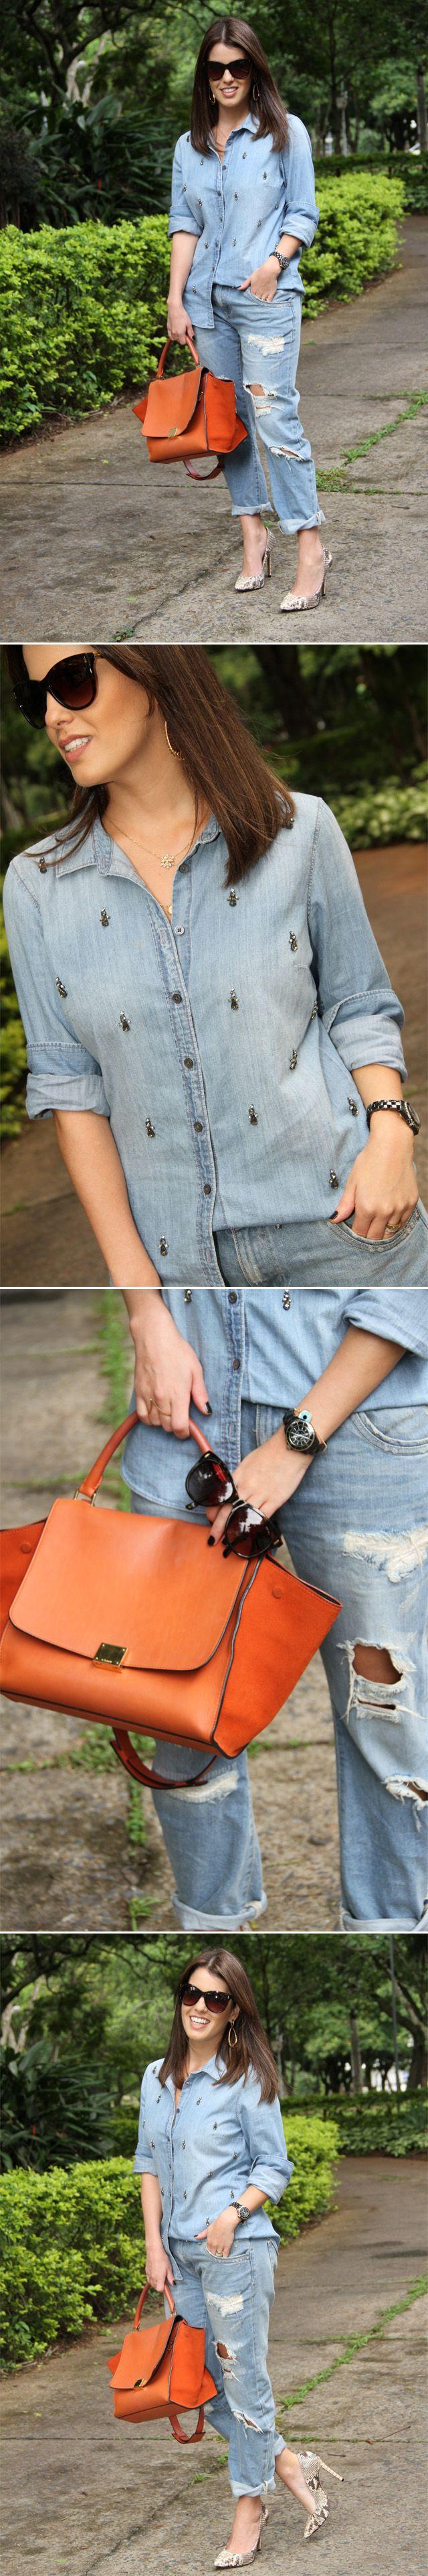 Look do Dia: Jeans + Jeans por Dê Gebrim | Diário de acessórios em dezembro 18, 2013